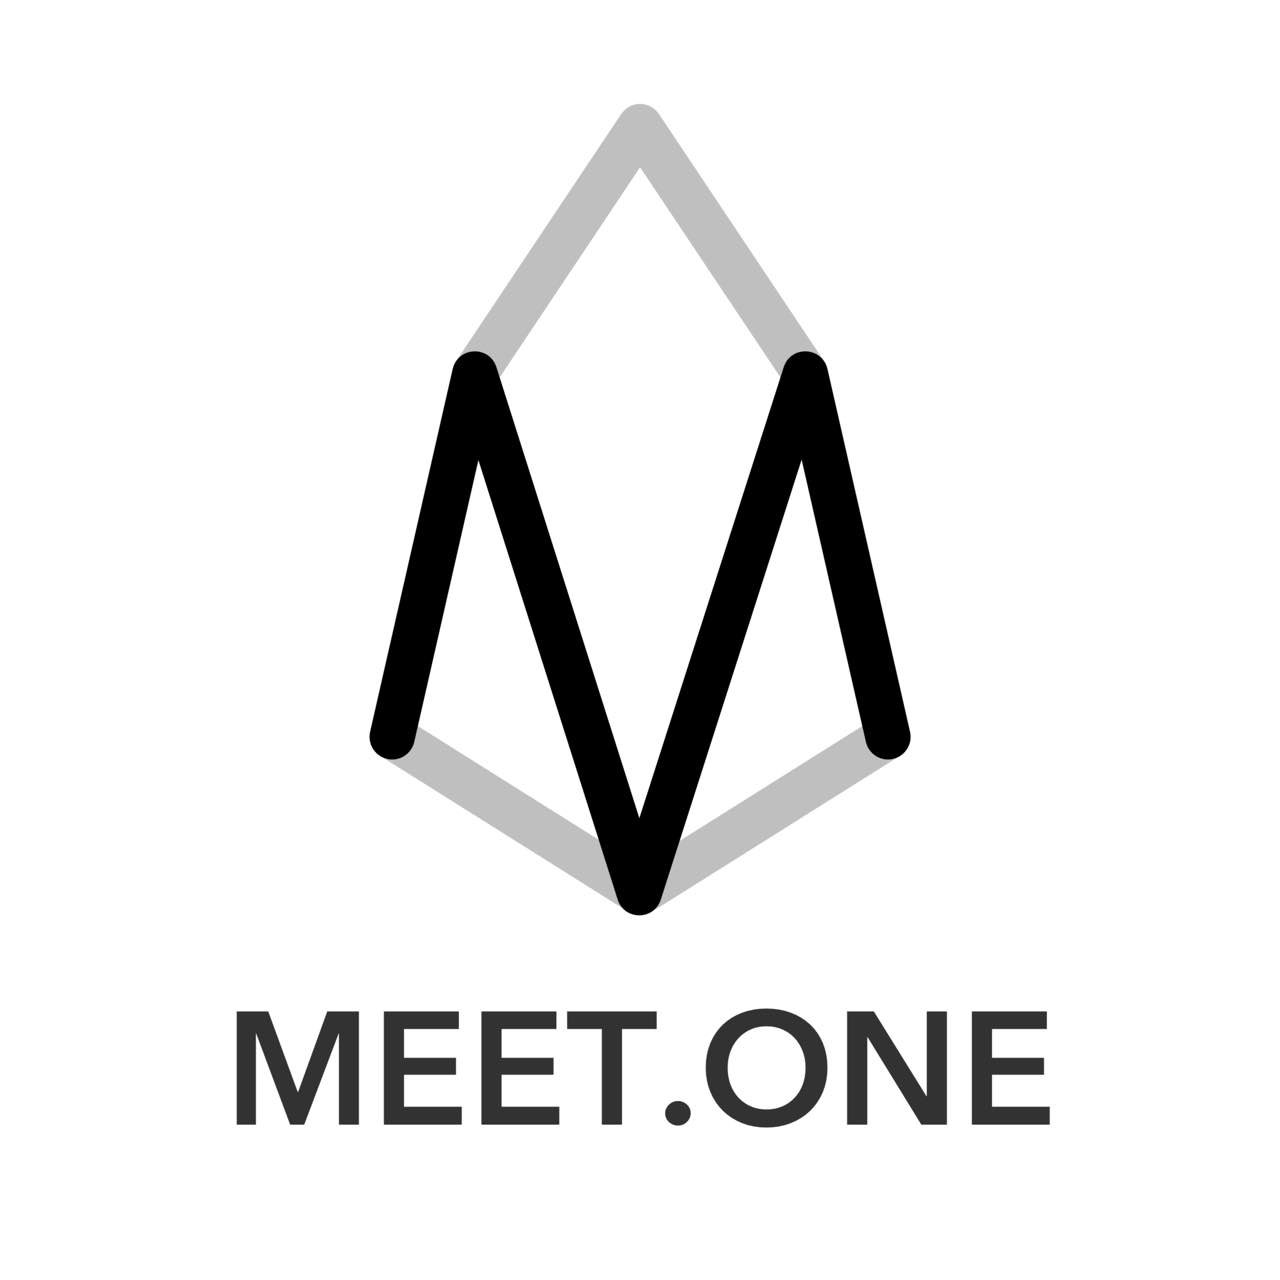 meetone.jpg